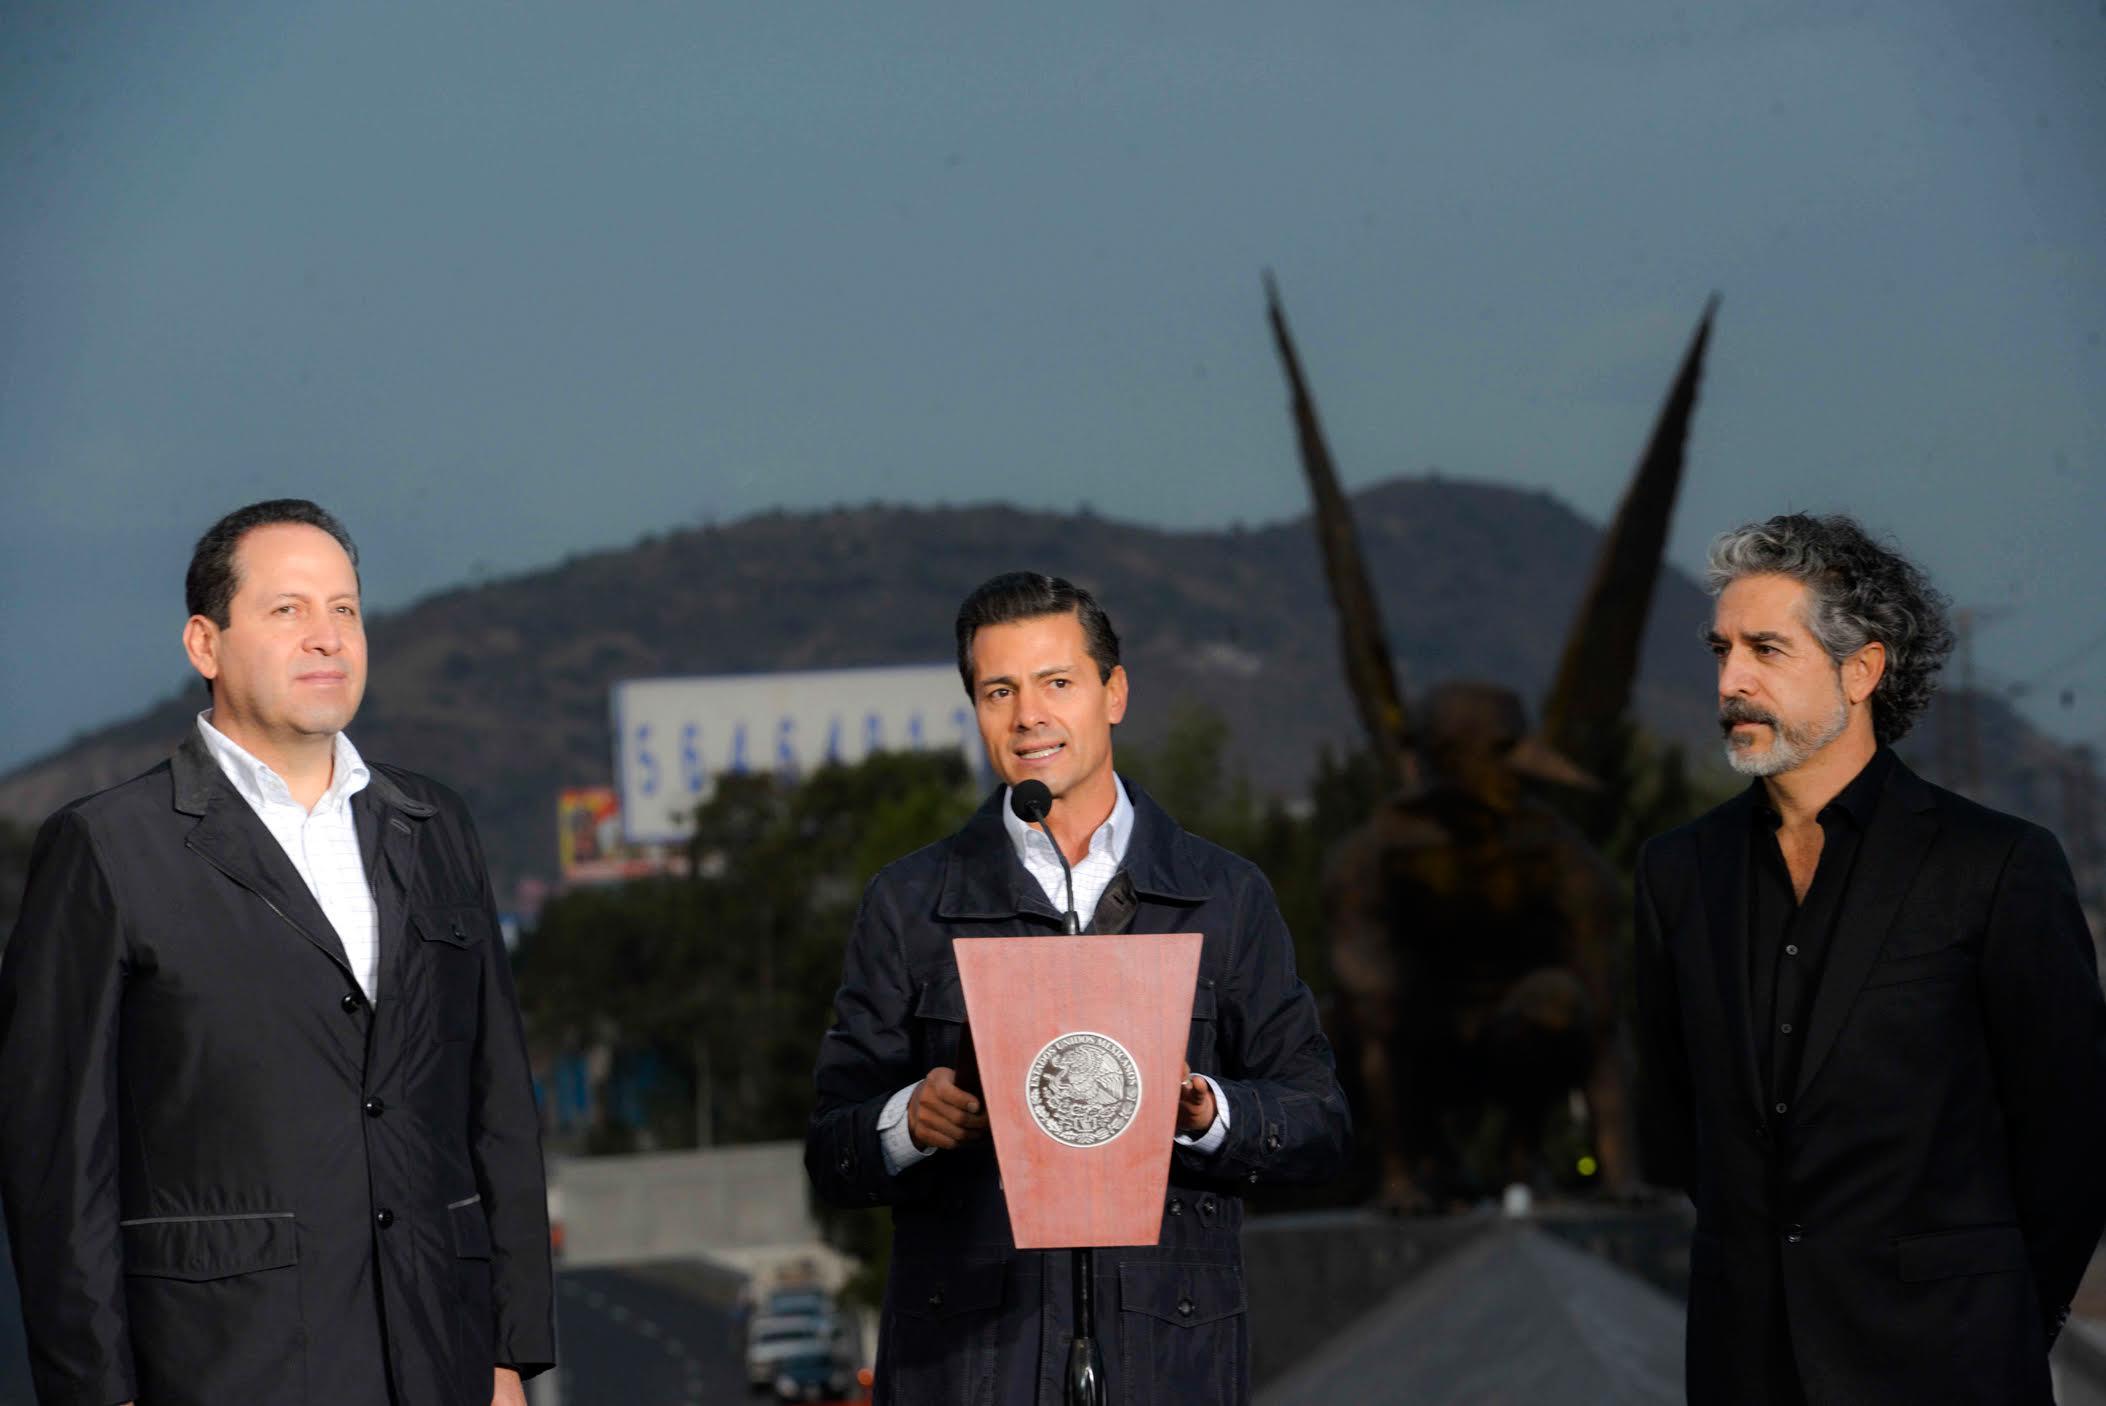 El Primer Mandatario inaugura el Puente El Vigilante en el Estado de México.